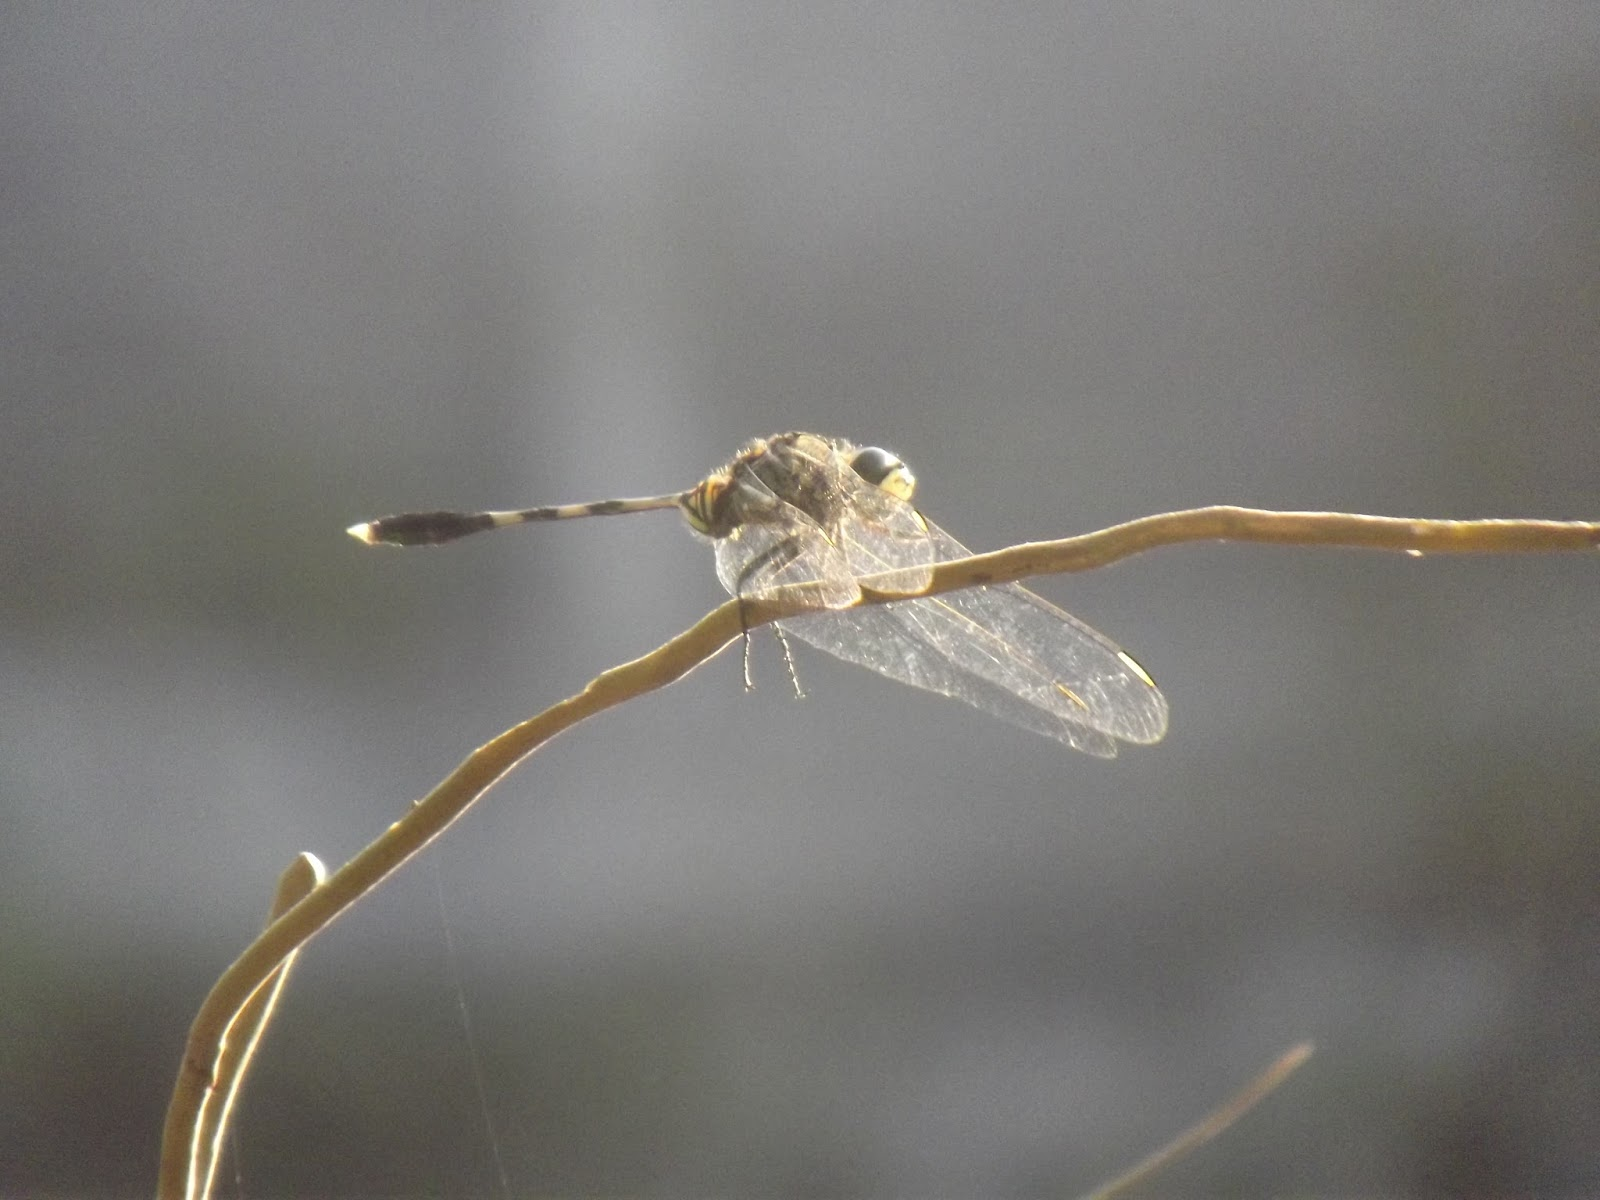 Biologi Mania My Album Macrographi Arthropoda